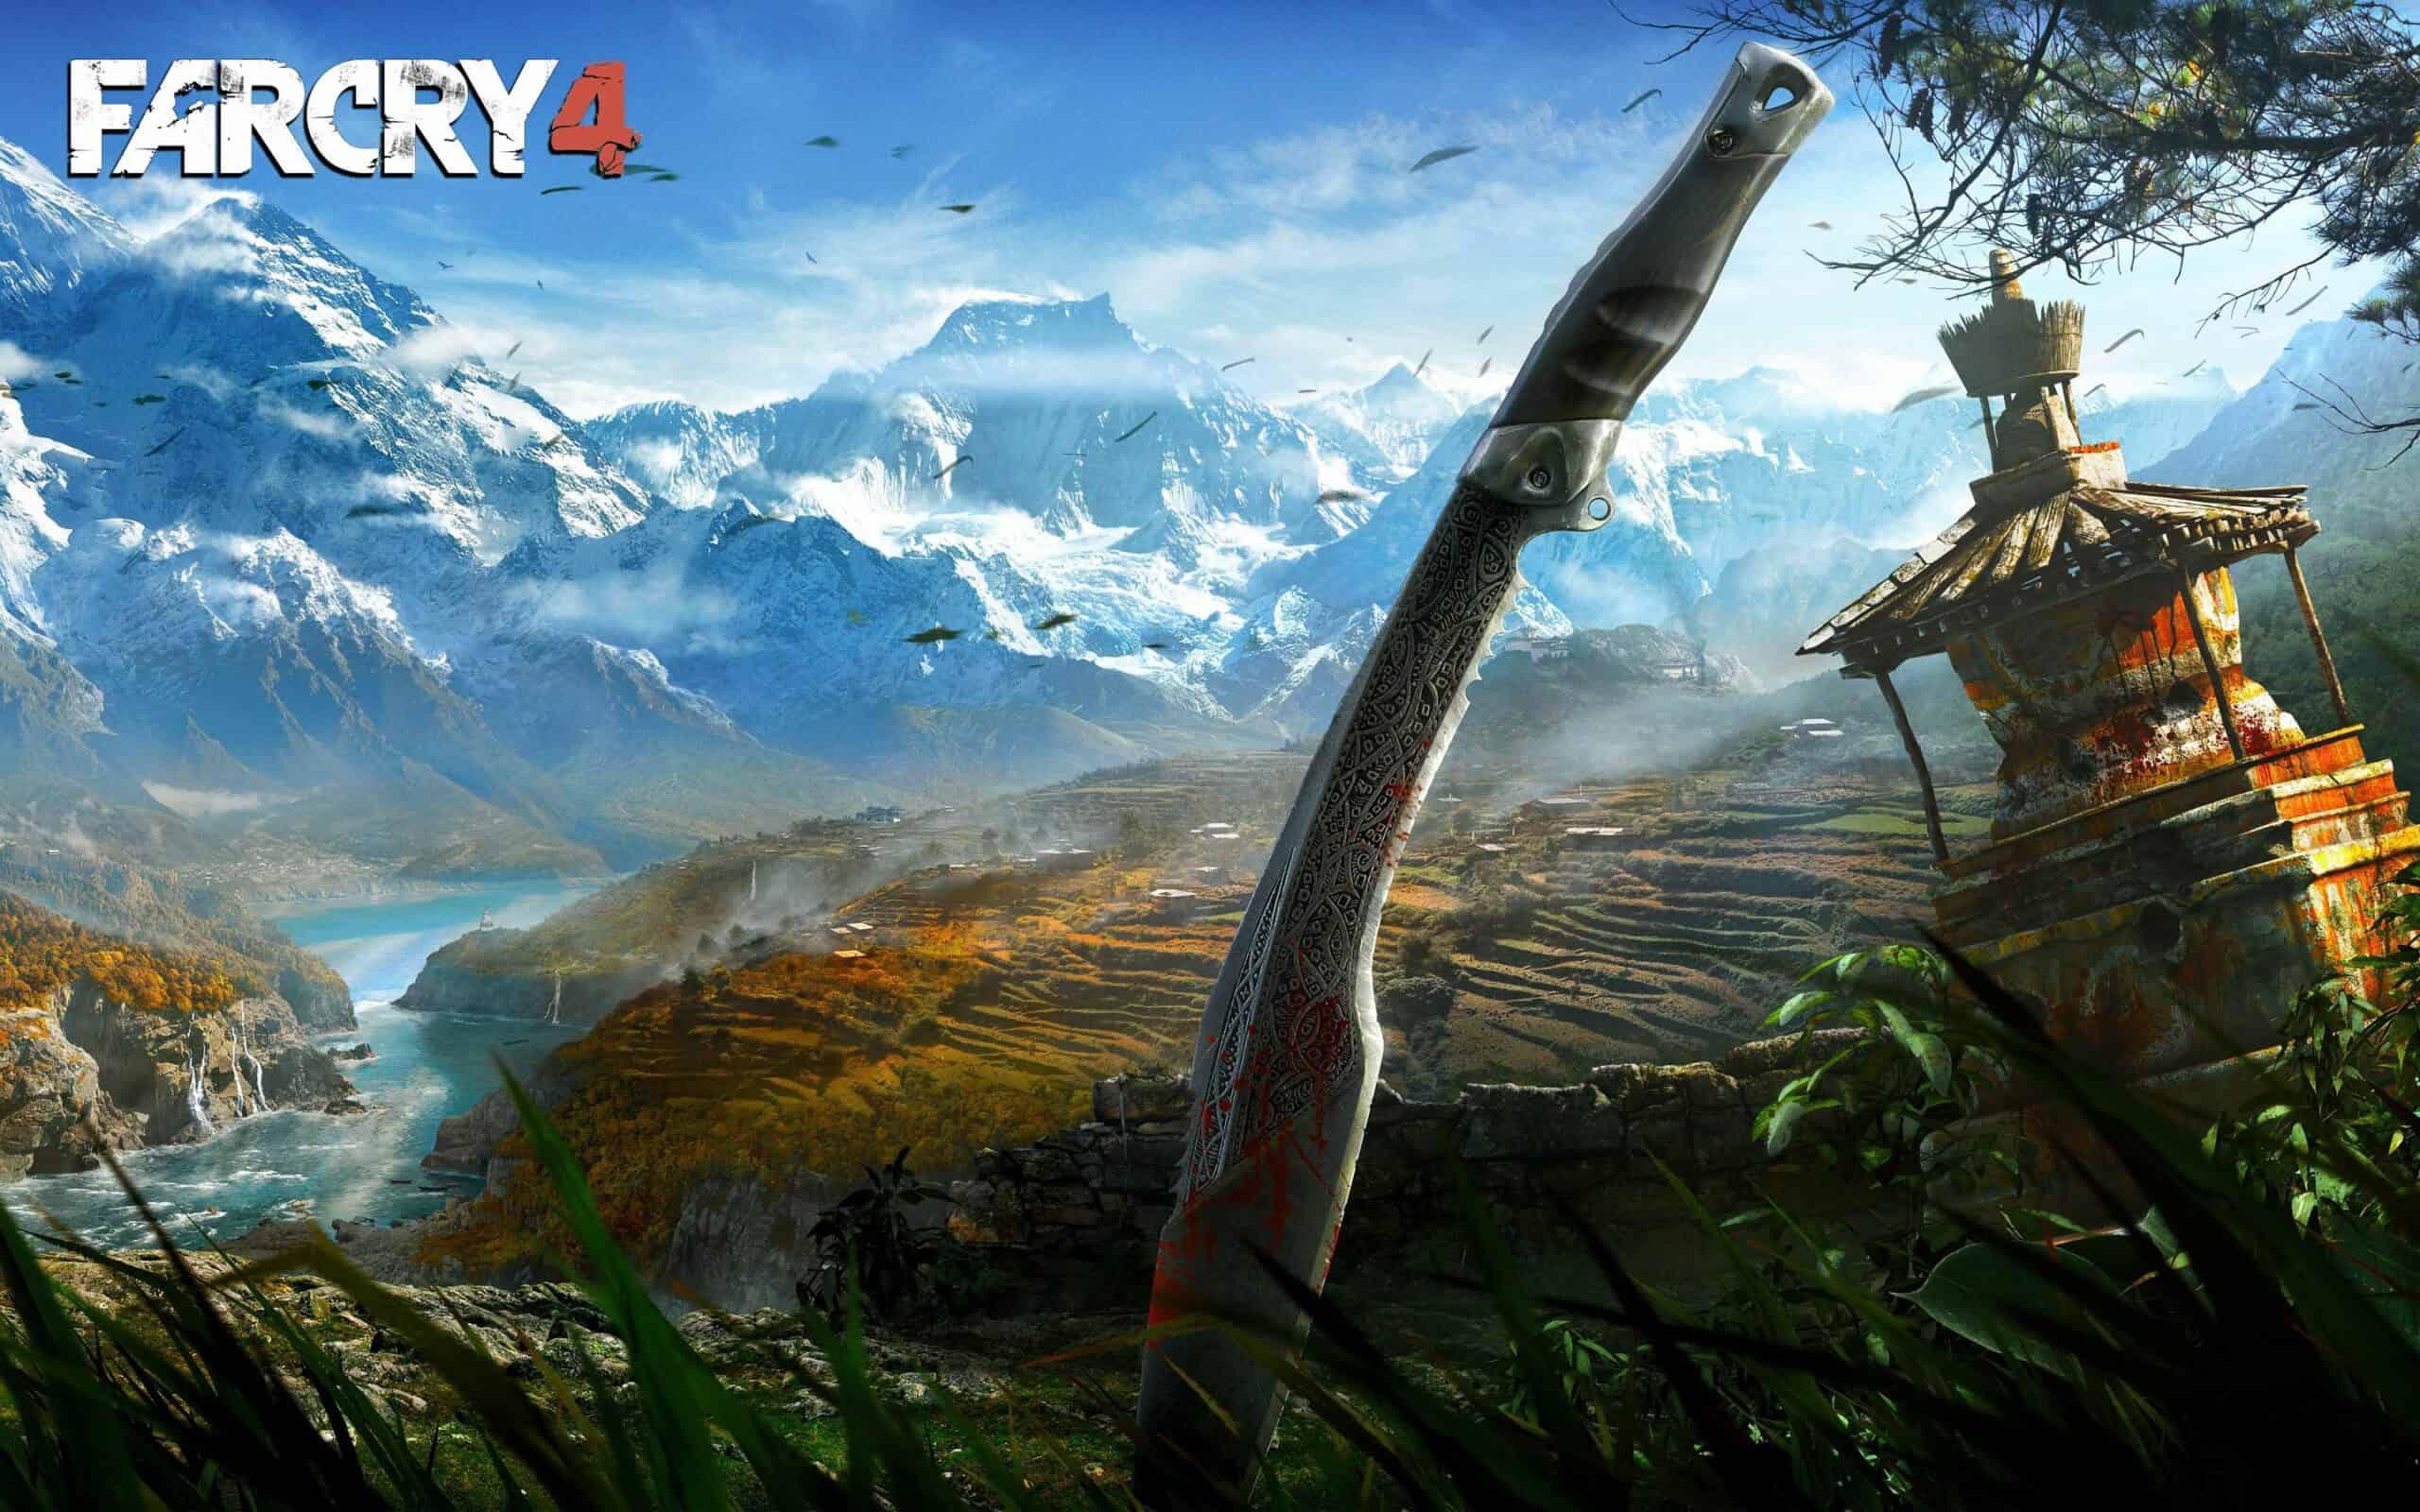 Best Far Cry Games - Far Cry 4